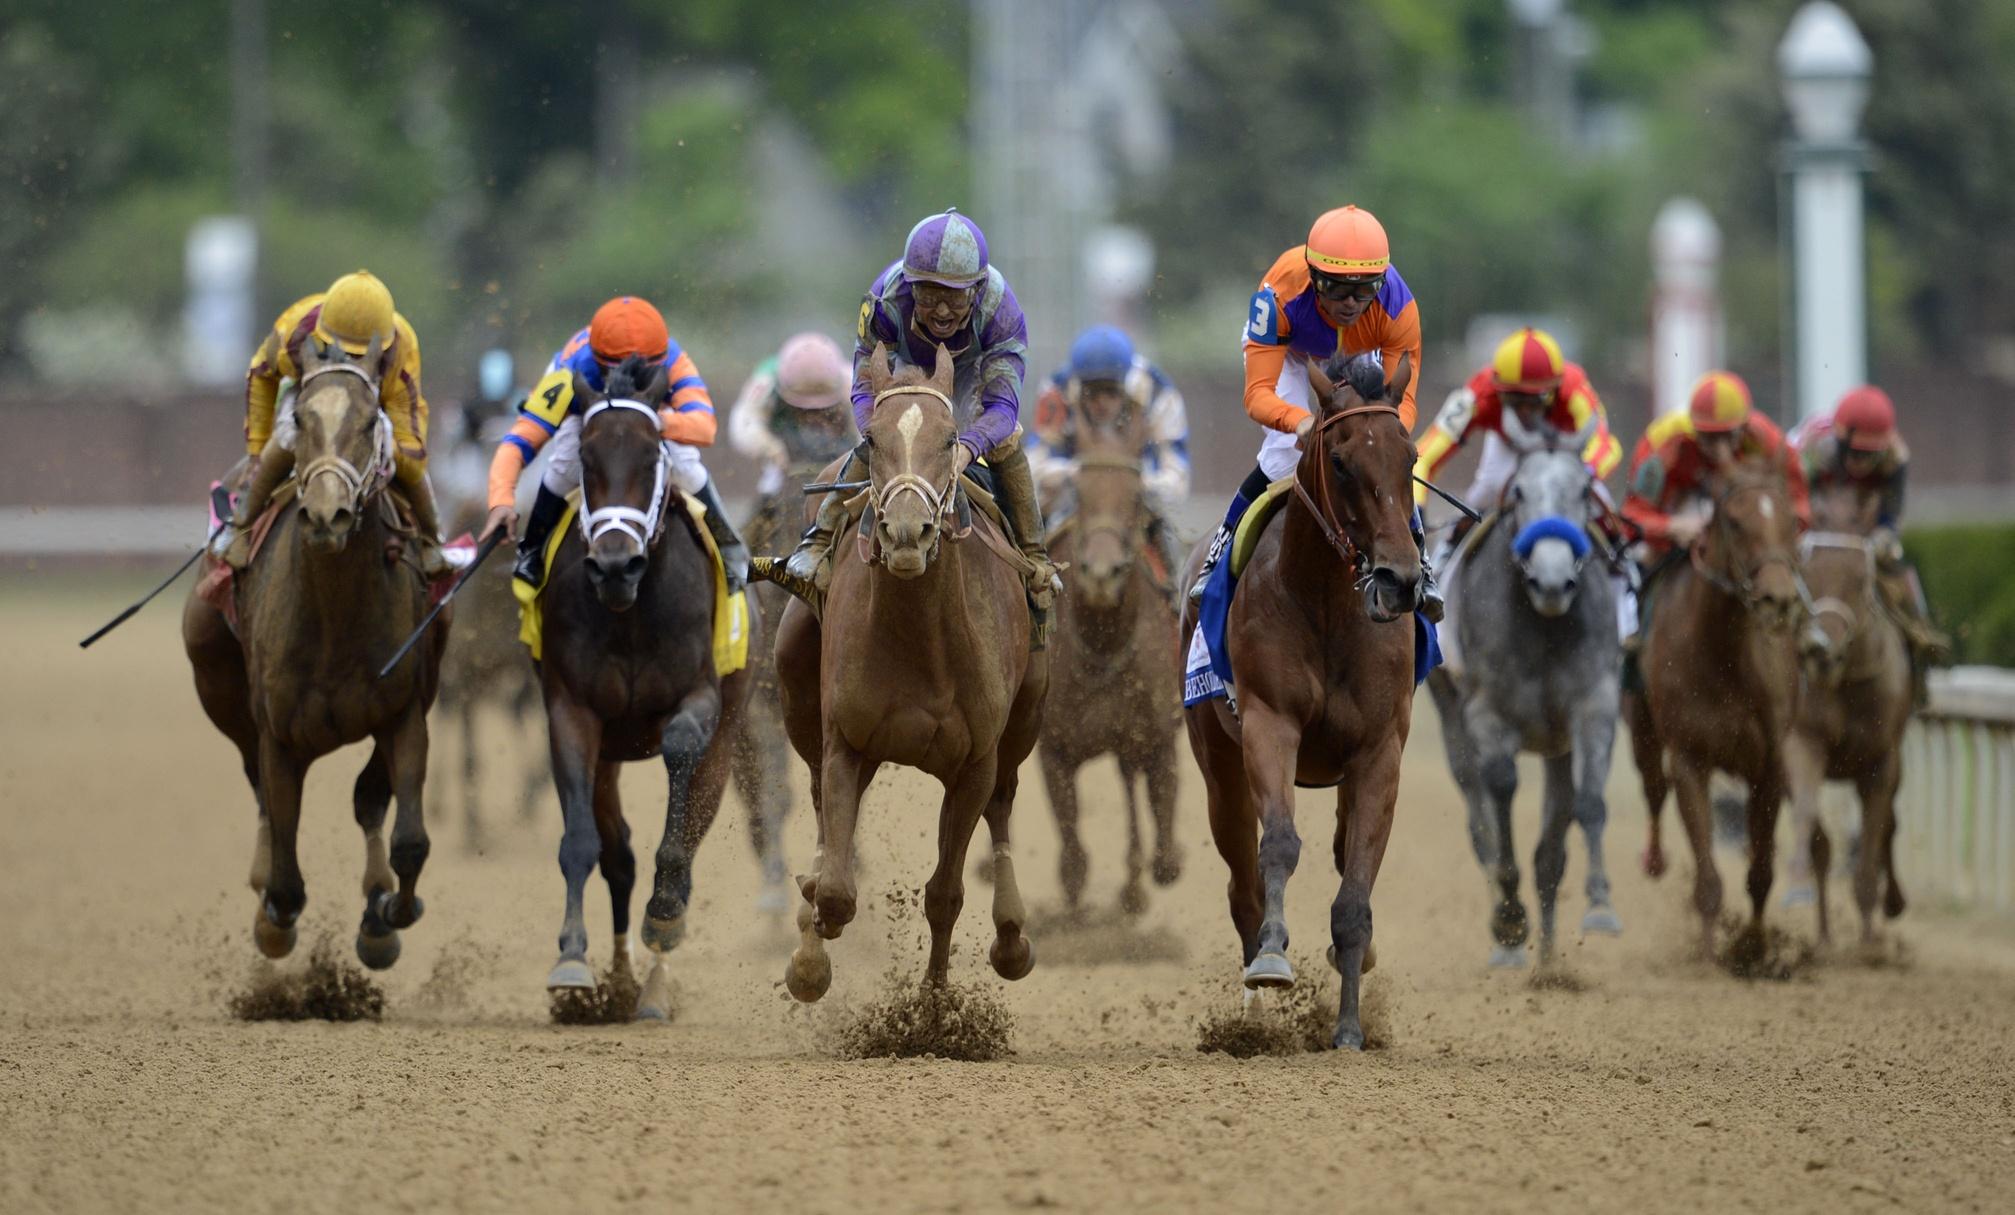 97619 Заставки и Обои Лошади на телефон. Скачать Скачки, Лошади, Спорт, Kentucky Derby, Kentucky Derby 2015, Kentucky Derby Odds картинки бесплатно